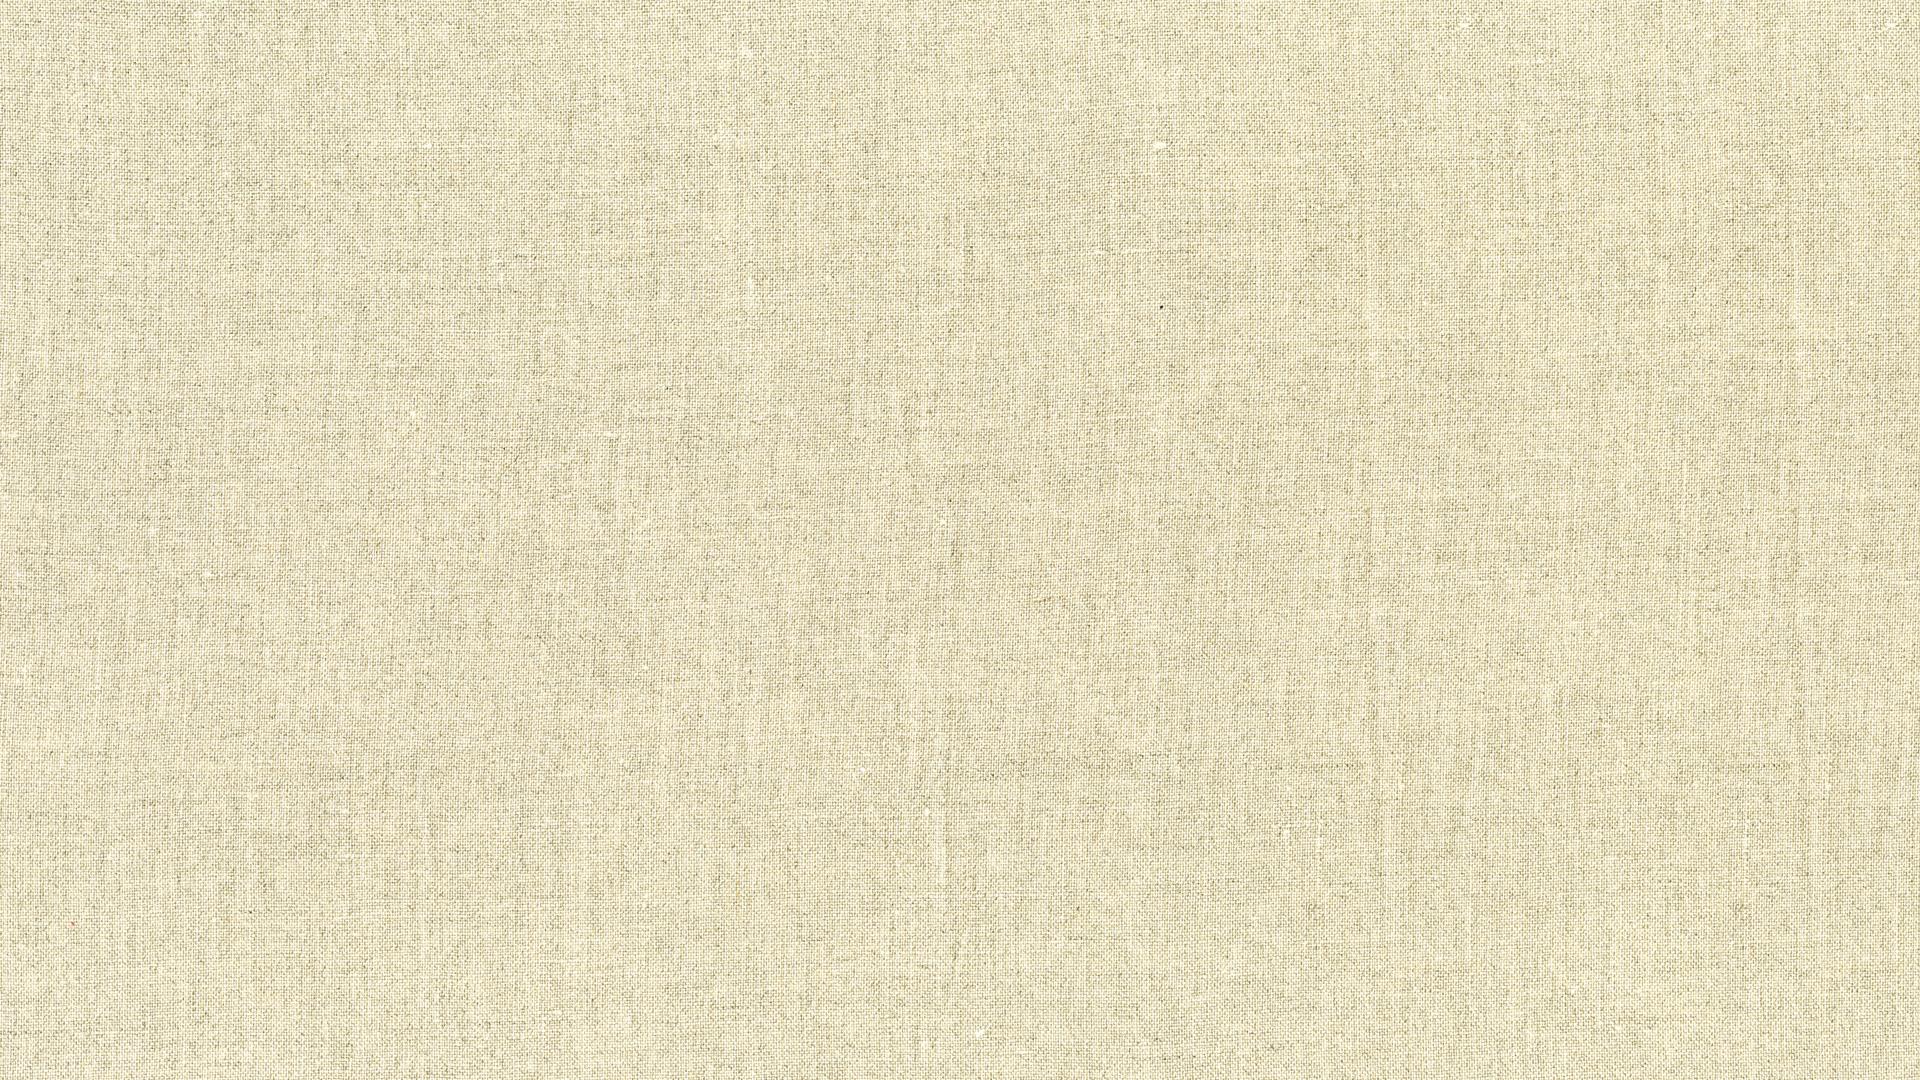 【大阪の看板屋】一工芸(ぴんこうげい)大阪・岸和田・堺、泉州・南大阪の看板デザイン・ロゴ制作